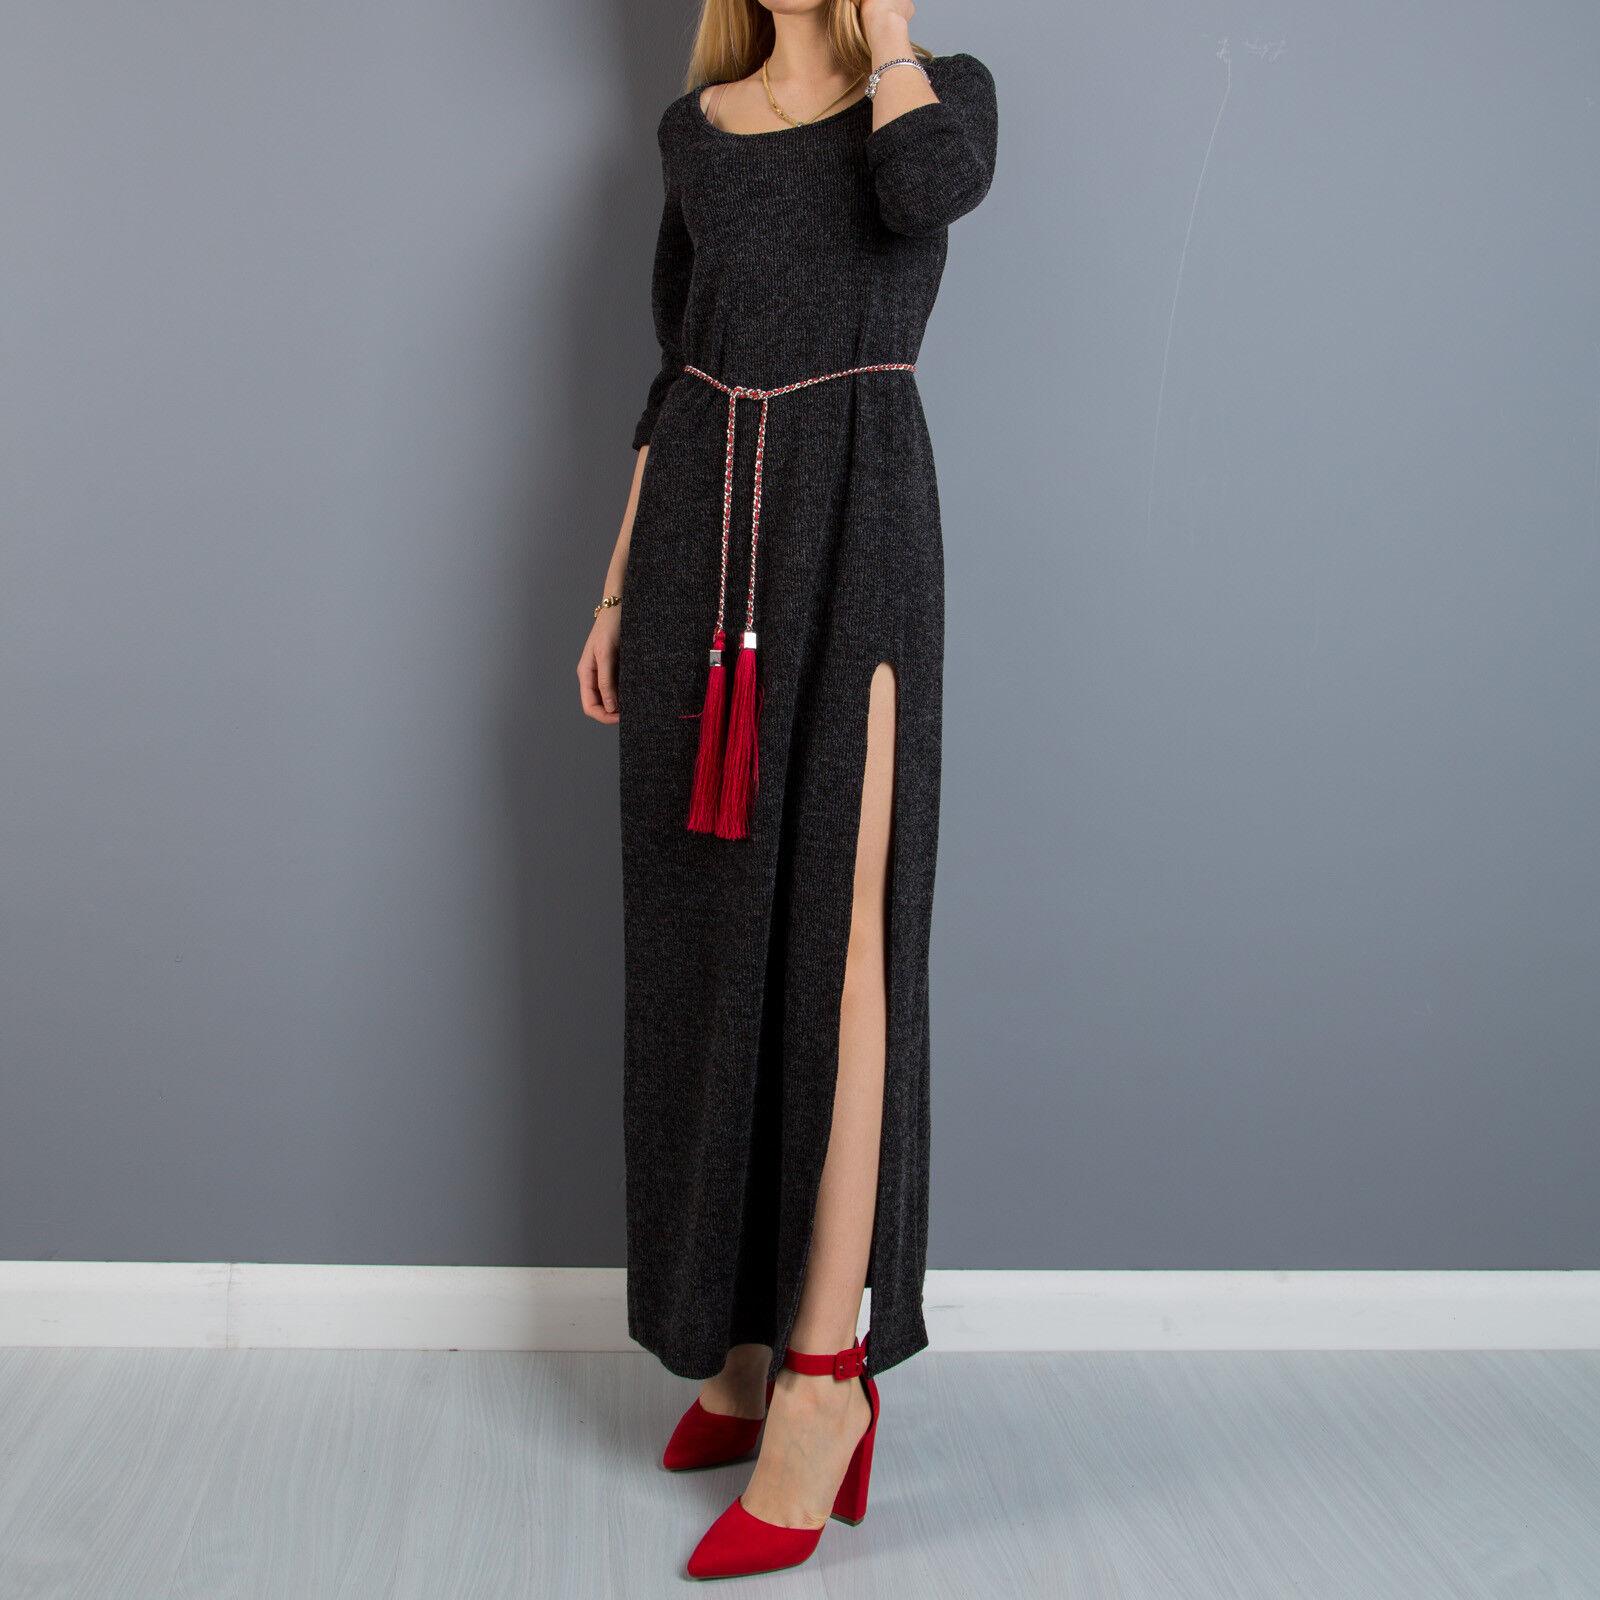 brand new 5dd1d 947d7 Abito vestito donna lungo spacco frontale aderente tubino ...